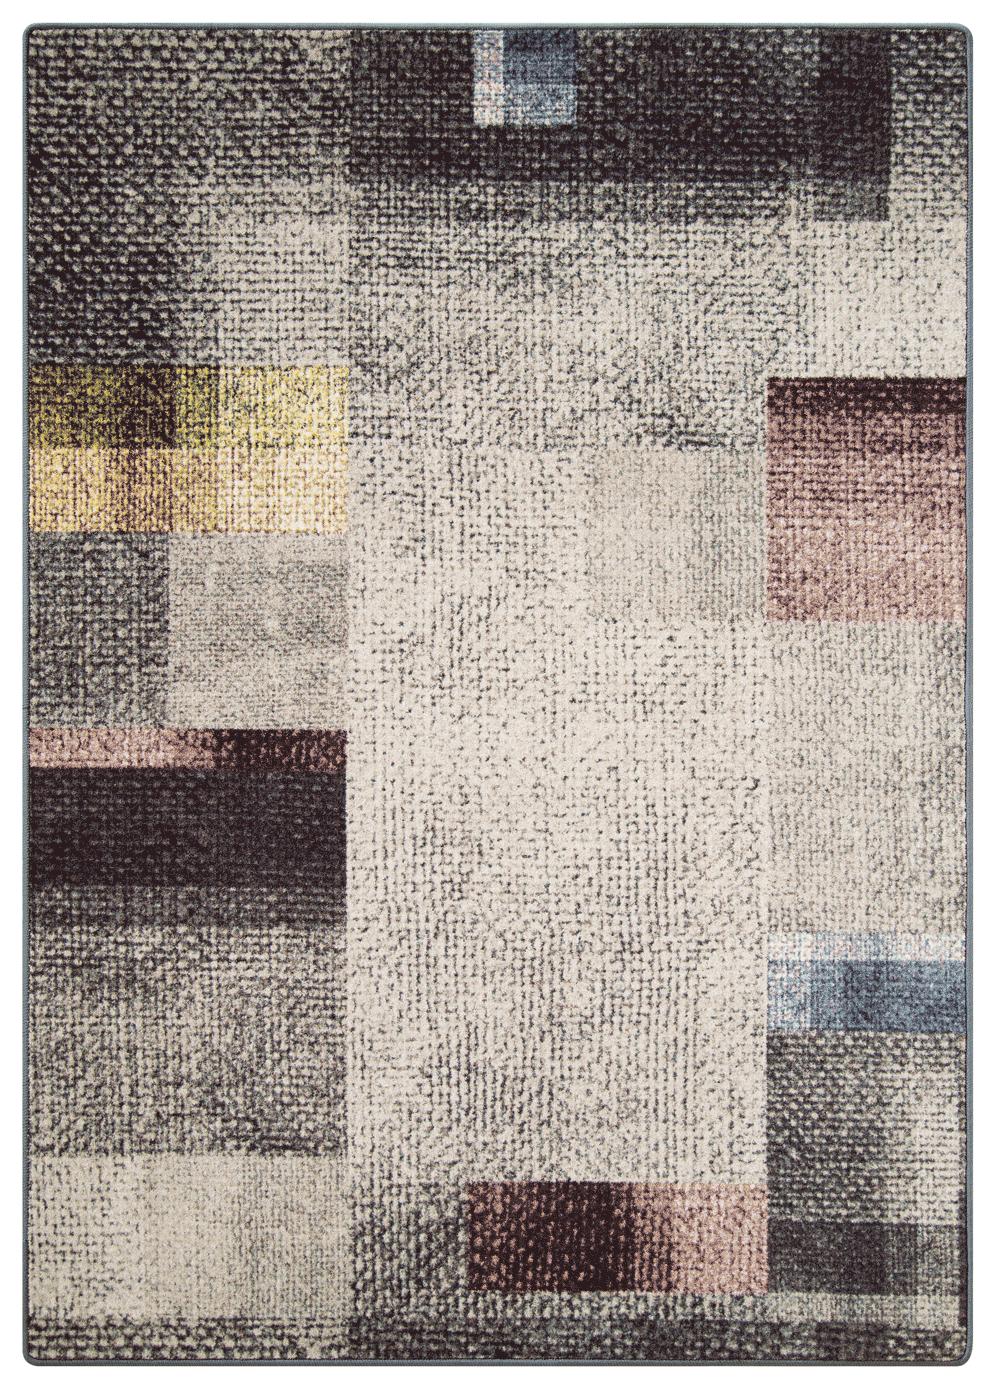 reCanvas-Collage_VB52752844